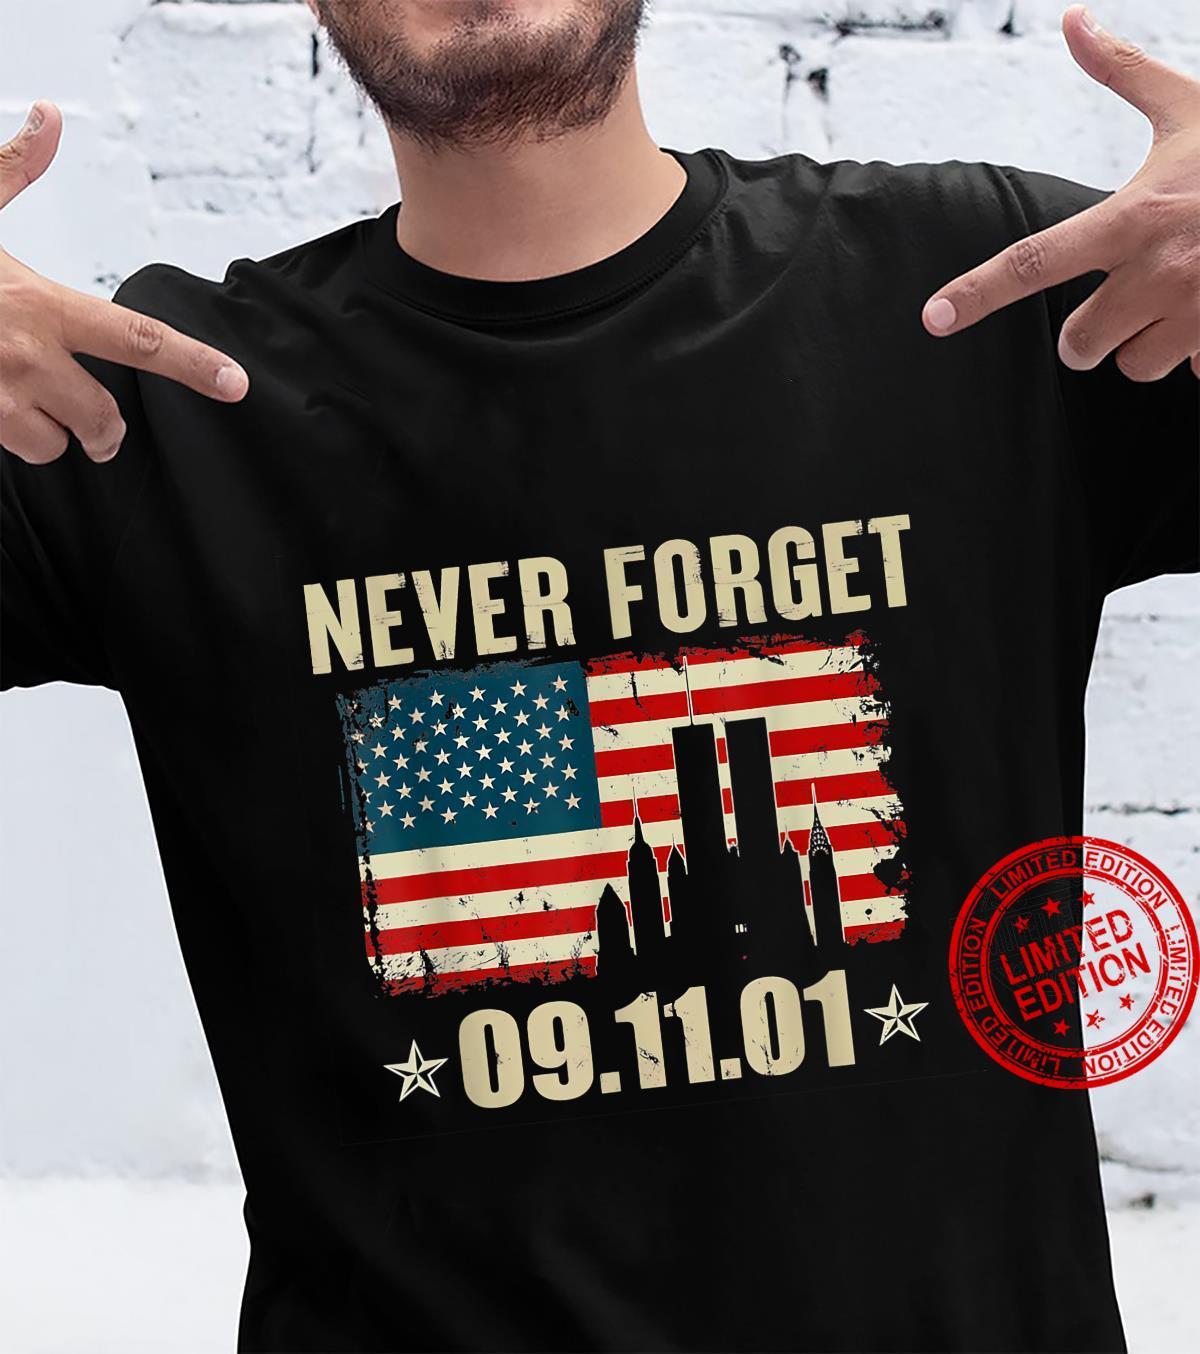 Never Forget 09.11.01 Shirt Shirt